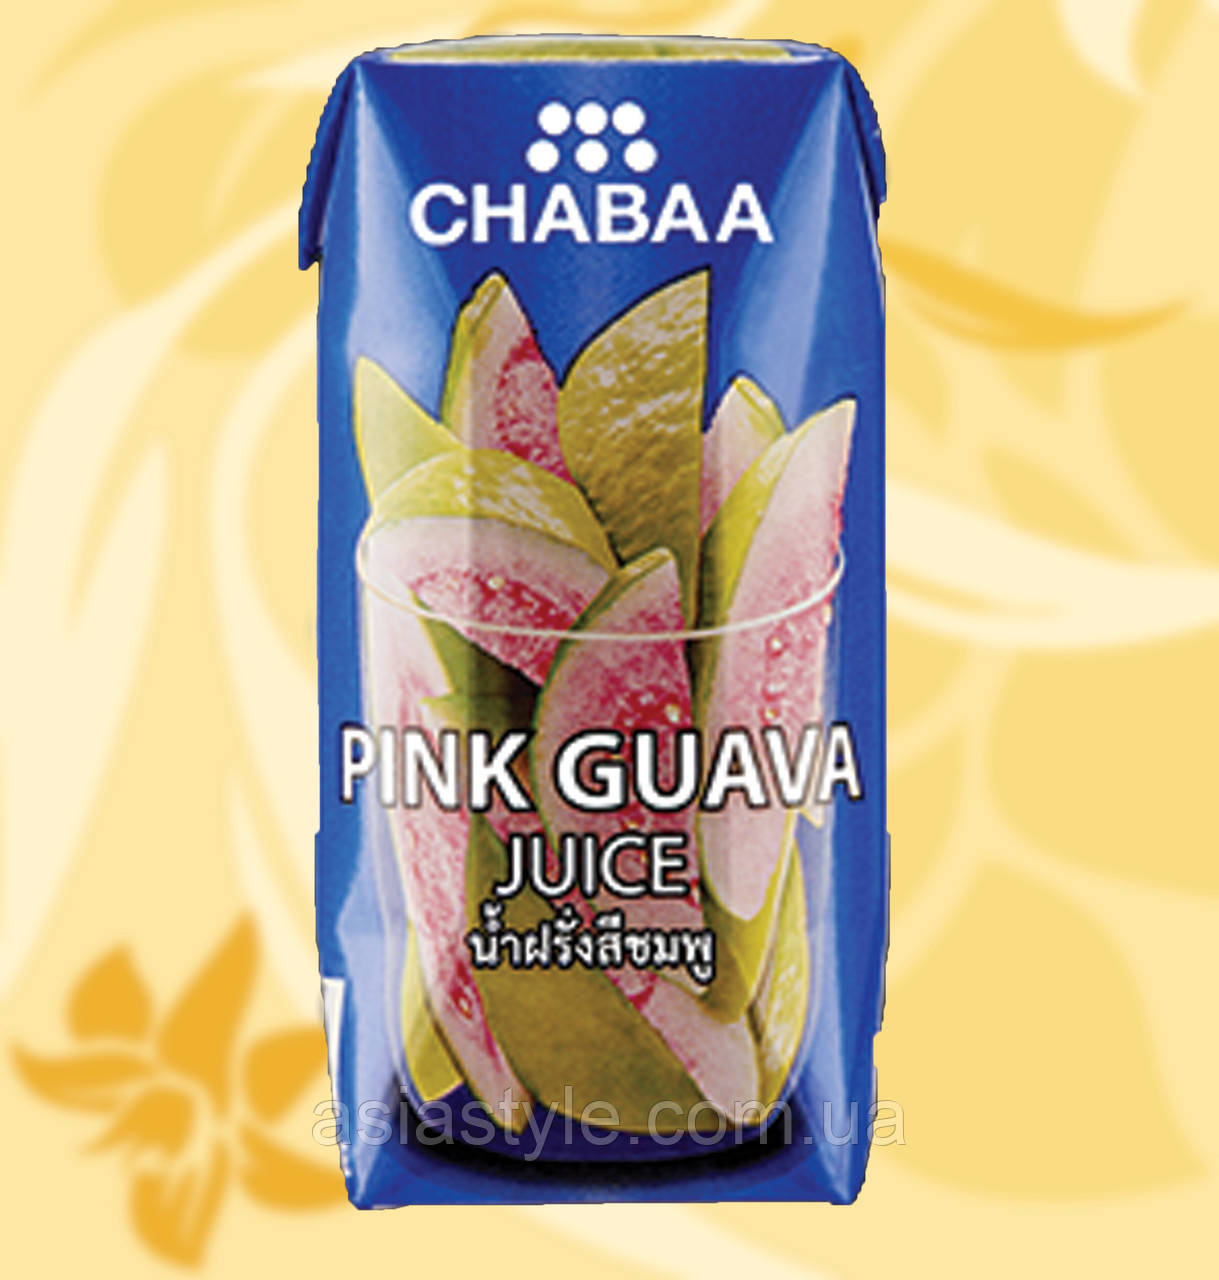 Сік Рожевої гуави, Pink Guava Juice, Chaaba, 180 мл, Таїланд, АФ, Ч